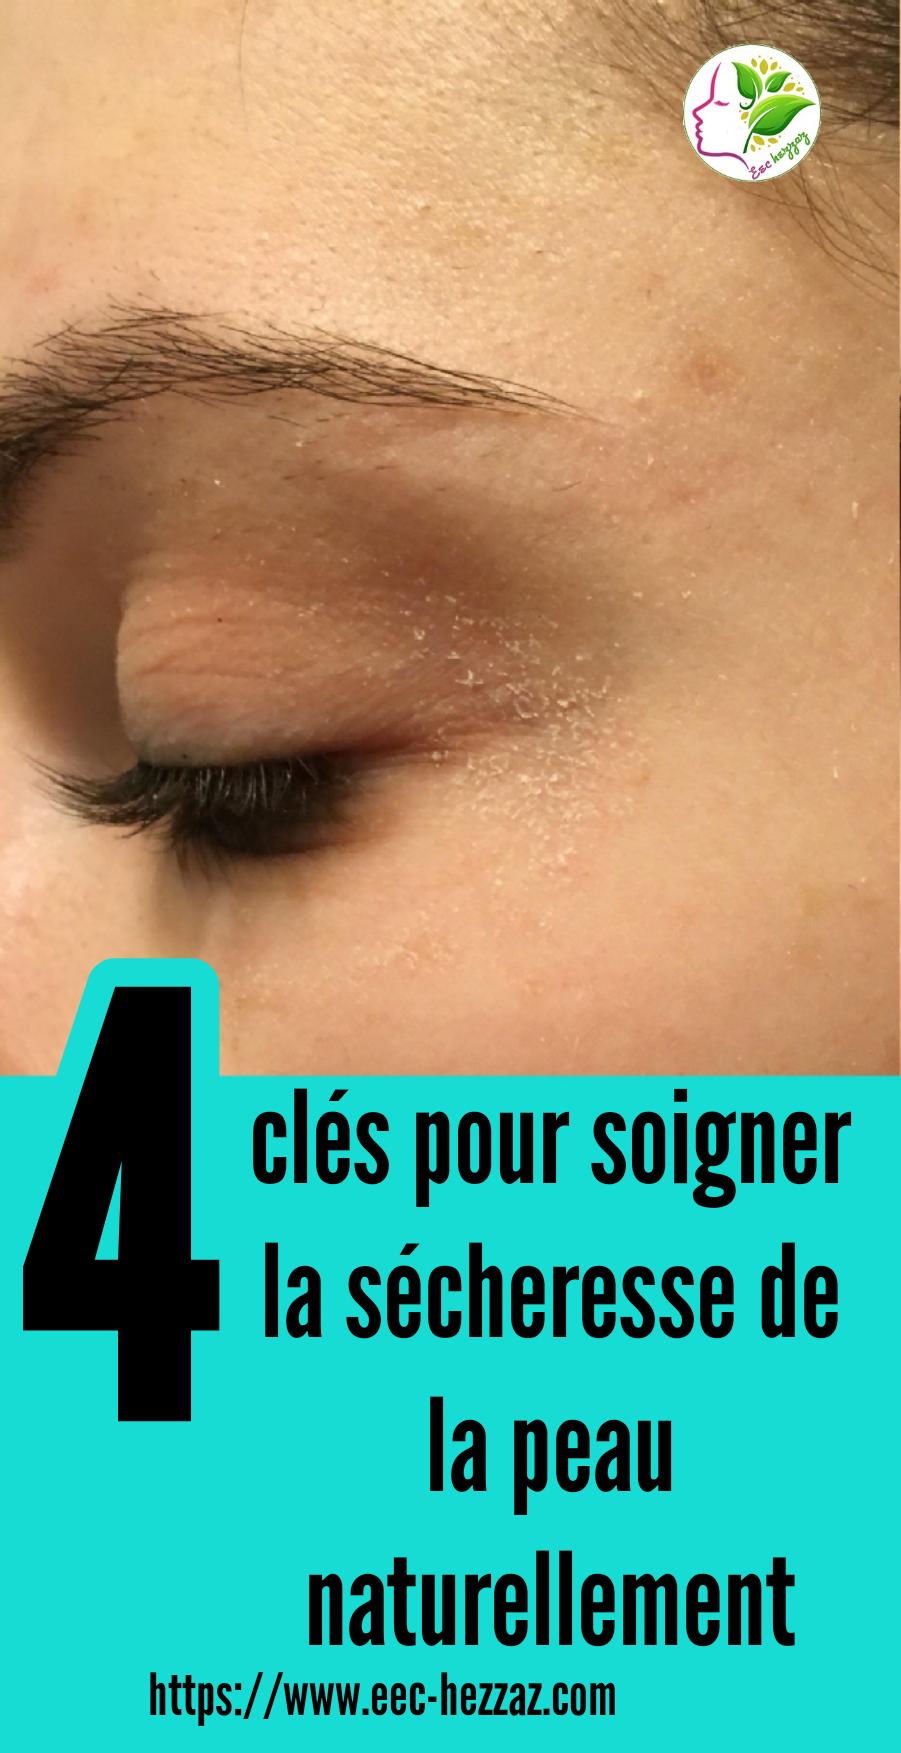 4 clés pour soigner la sécheresse de la peau naturellement